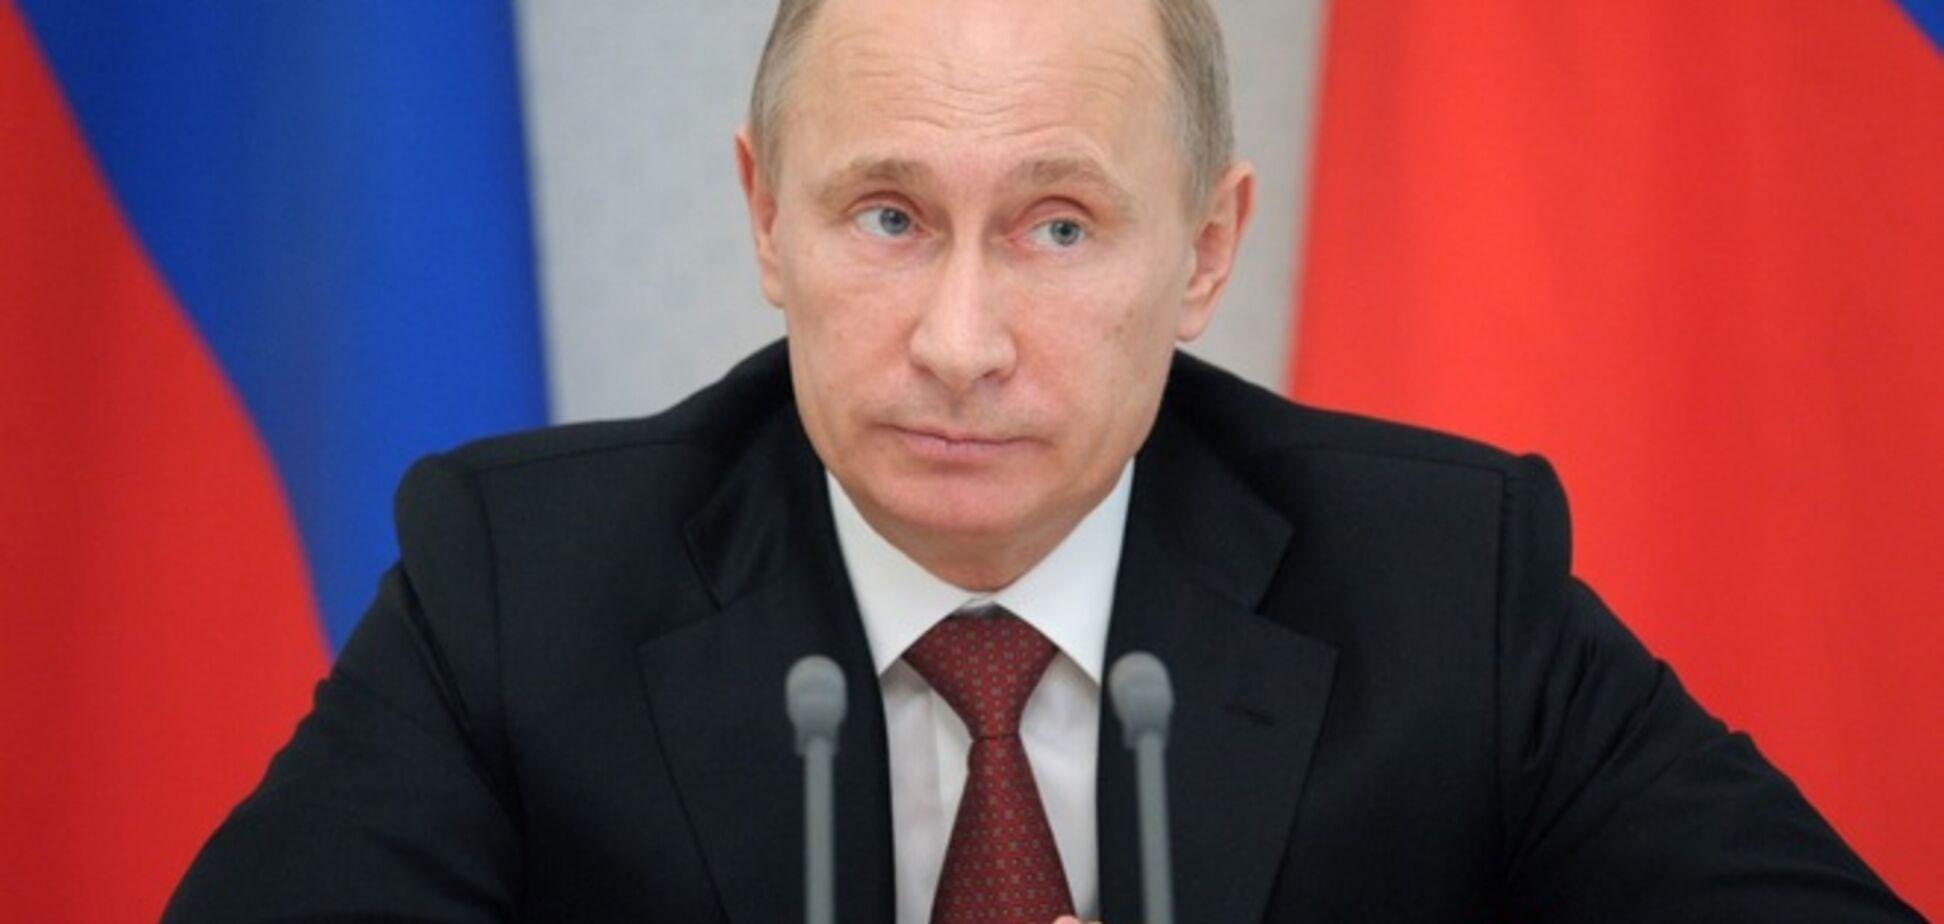 Путин в своем соболезновании придумал 'президента Нидерландов'